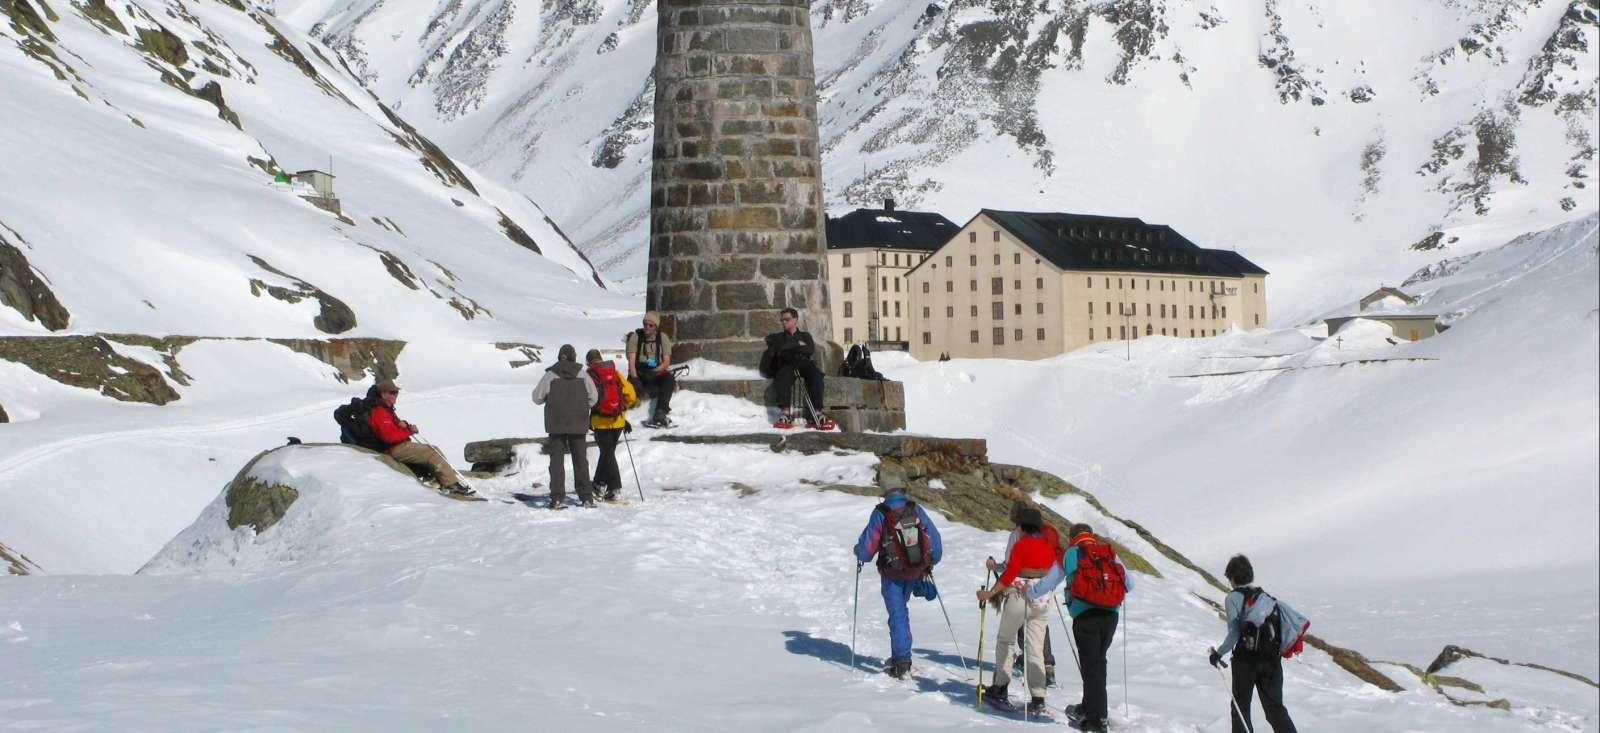 Voyage à la neige Suisse : En chemin pour le Grand Saint Bernard